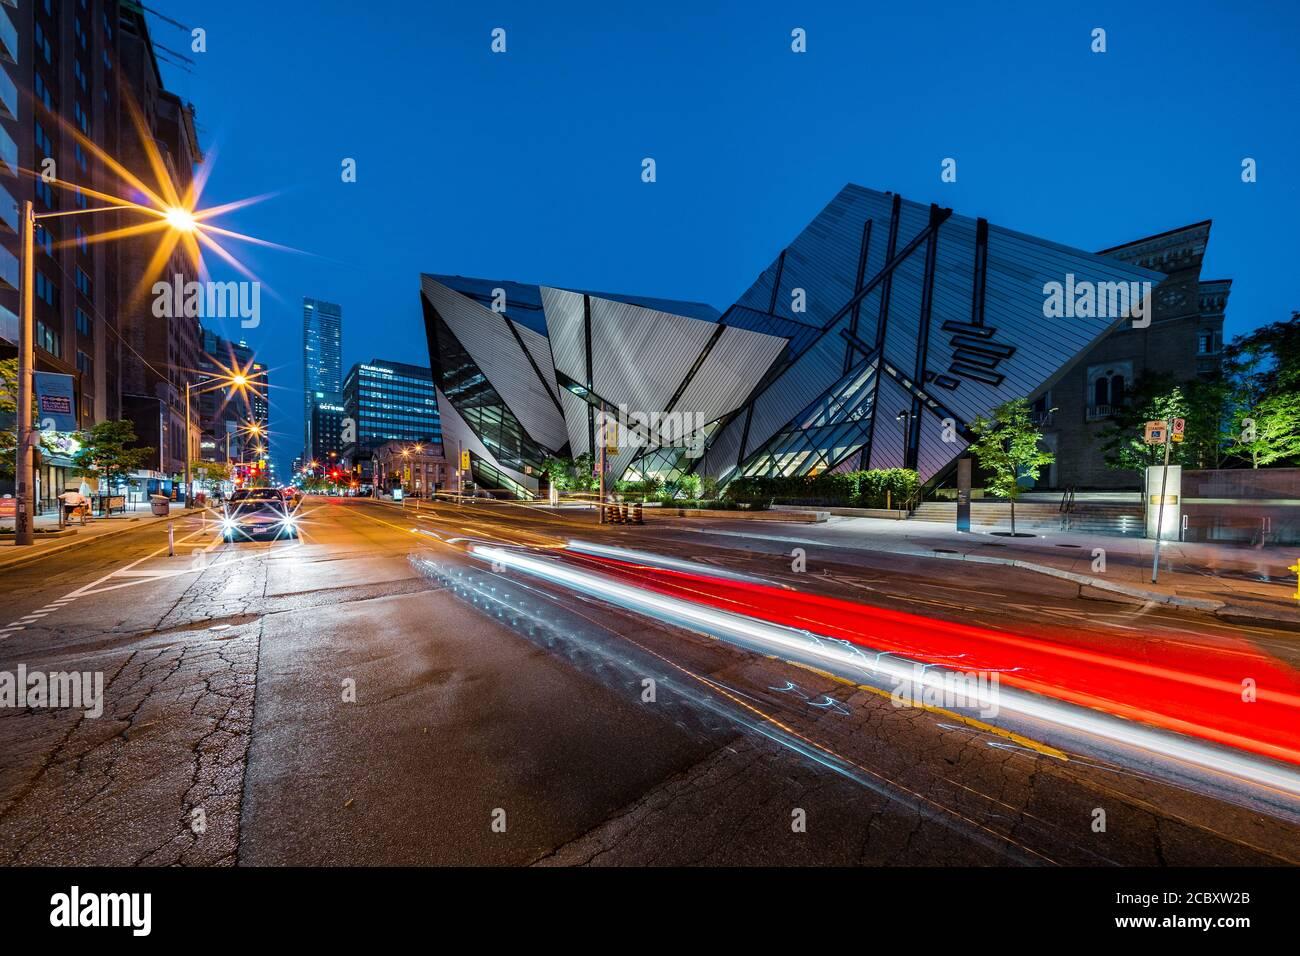 Vue nocturne du monument architectural Musée royal de l'Ontario, connu sous le nom de ROM à Toronto, Ontario, Canada. Banque D'Images